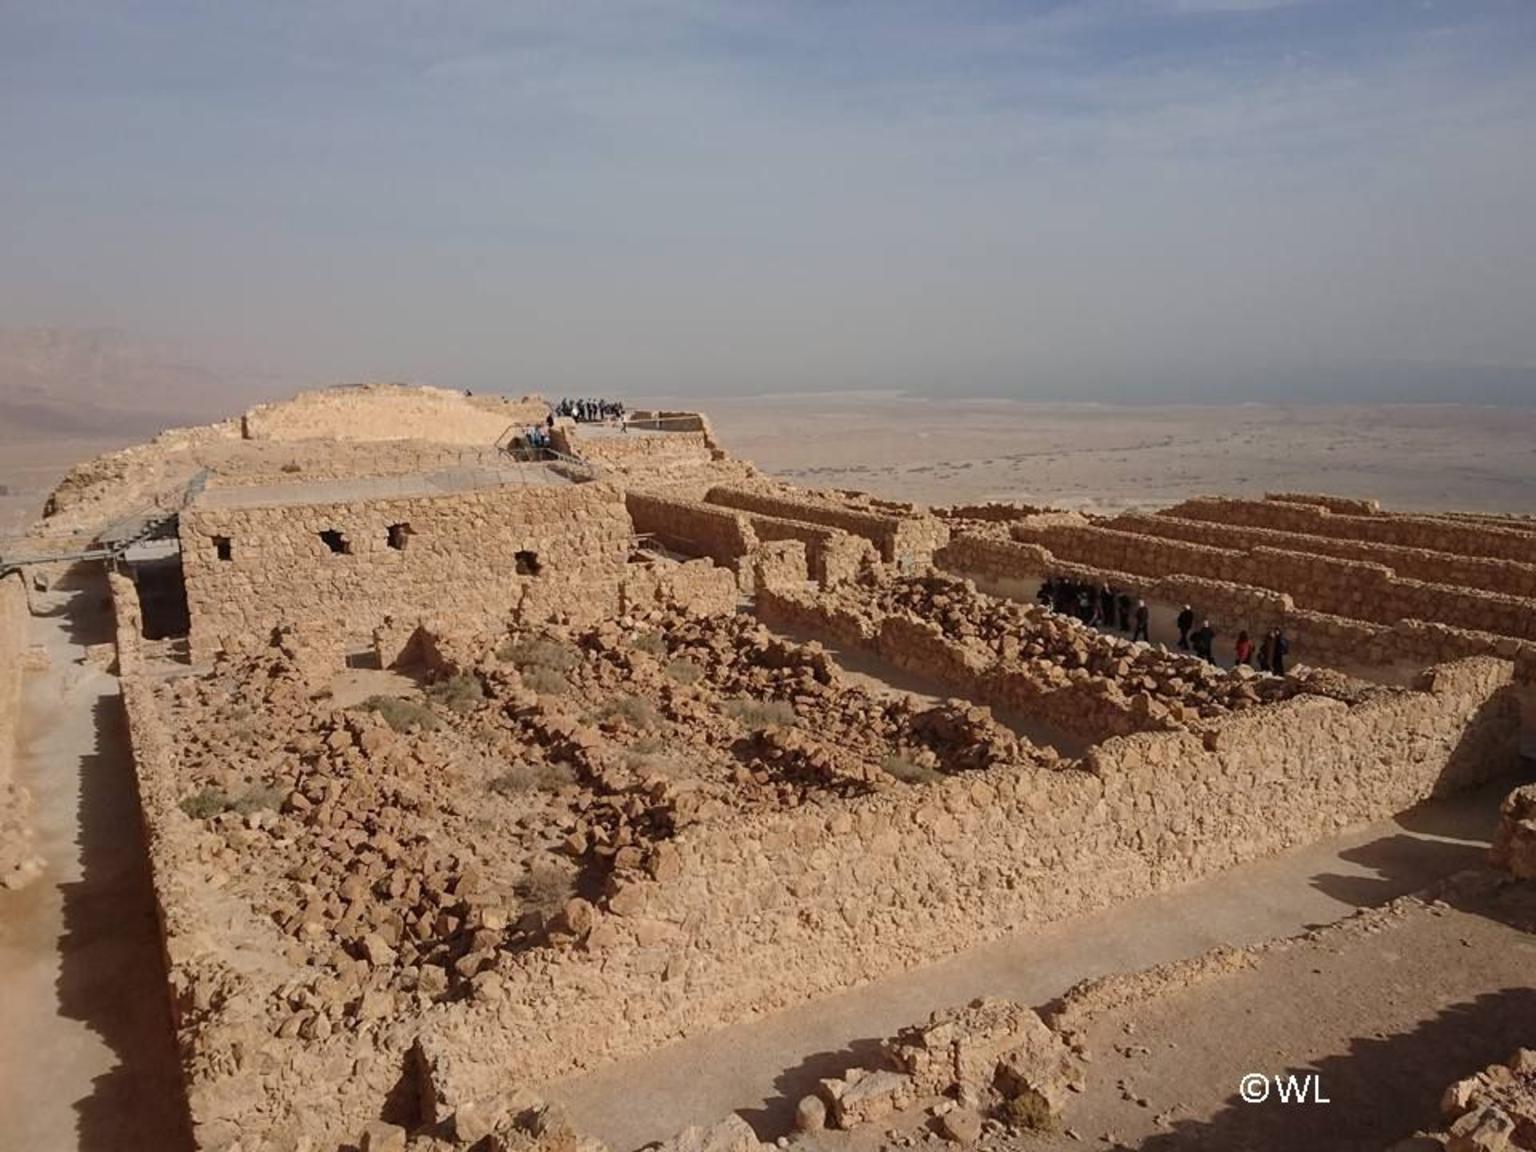 MÁS FOTOS, Masada, Ein Gedi y el Mar Muerto desde Jerusalén